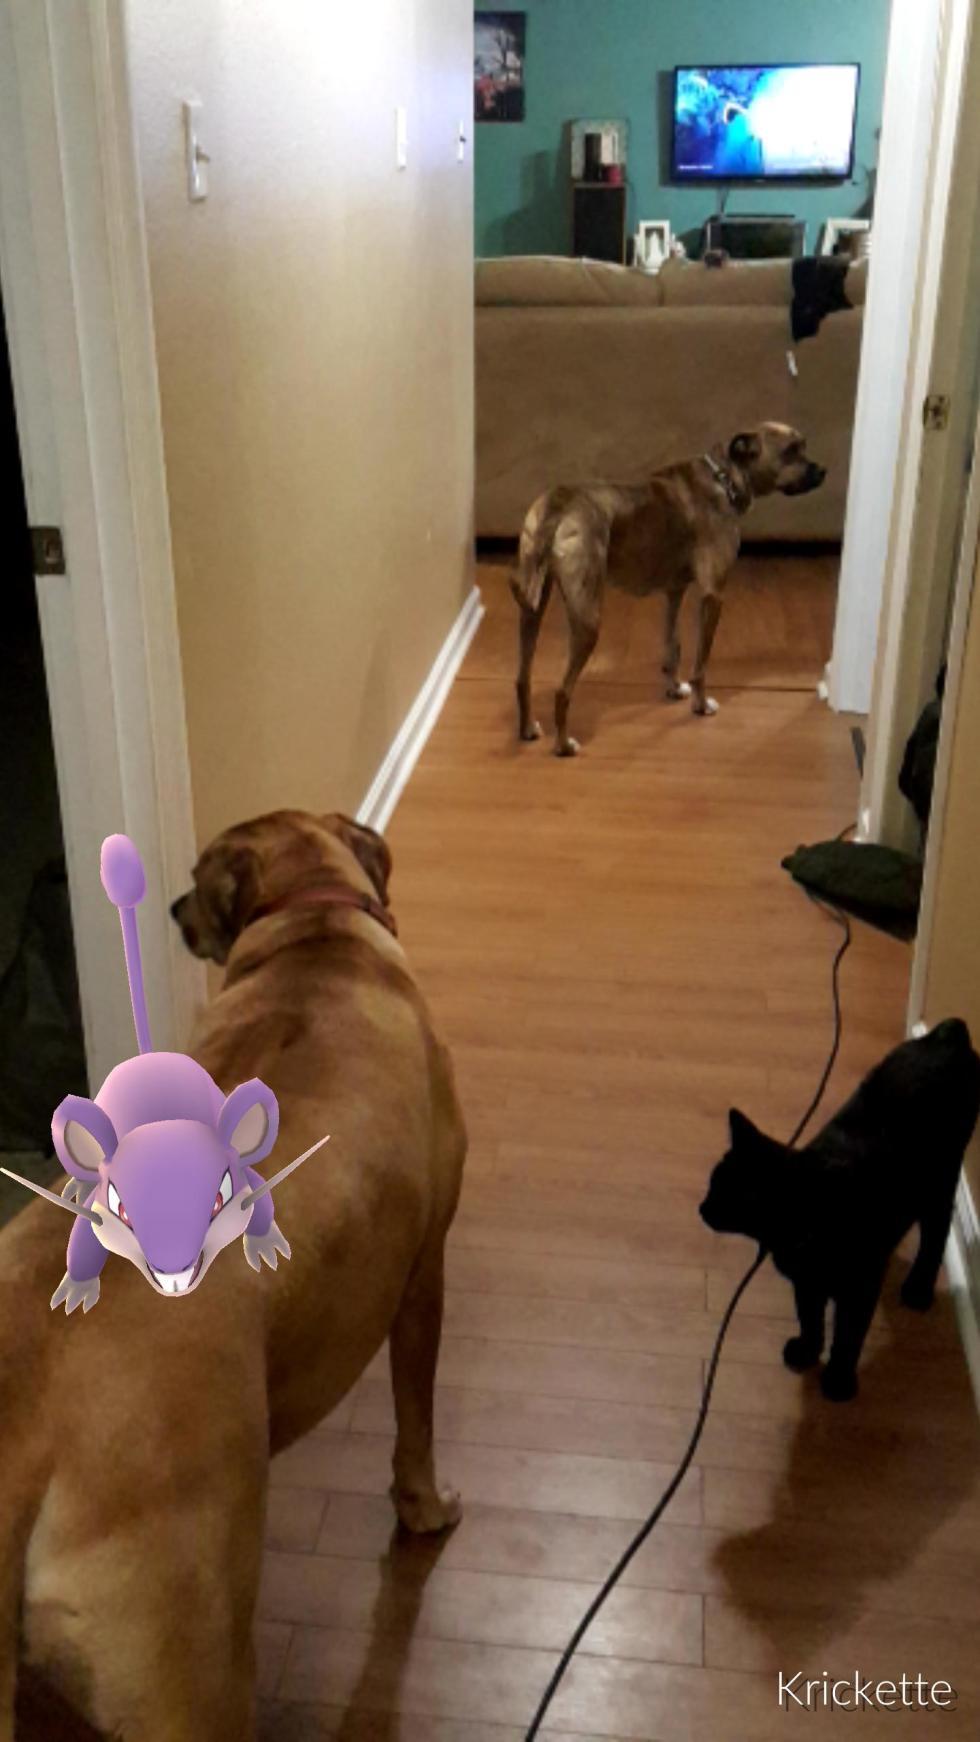 Los fans de Pokémon Go se han dedicado a colocar a los Pokémon en realidad aumentada en situaciones complicadas